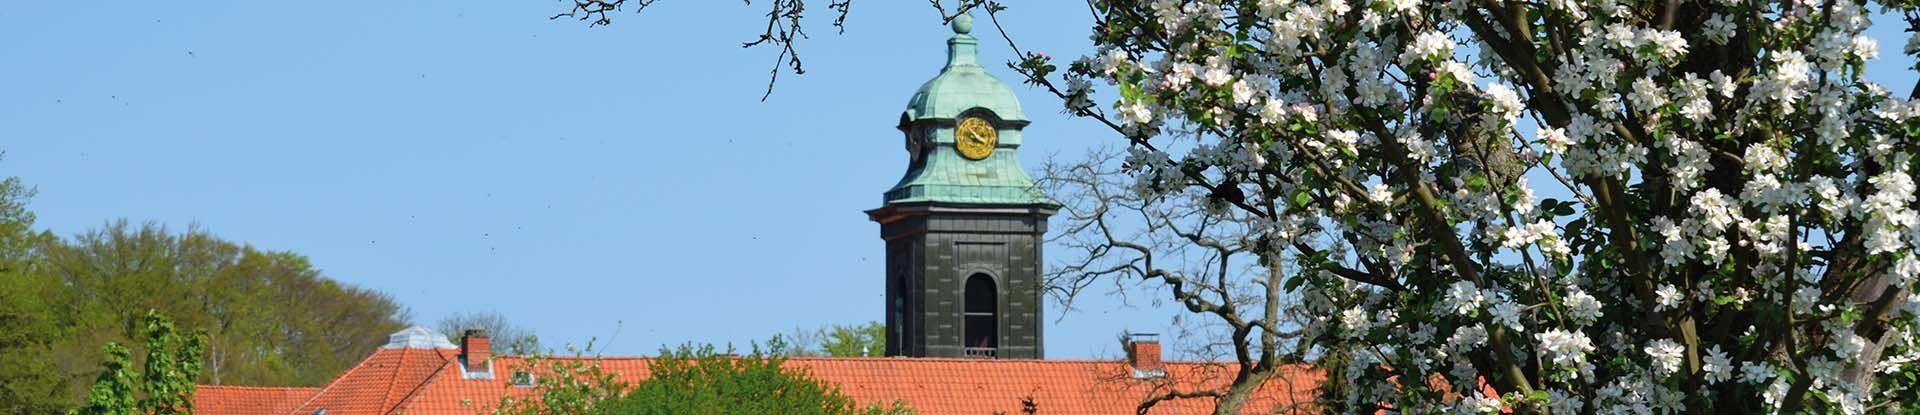 Kirchturm von Kloster Medingen